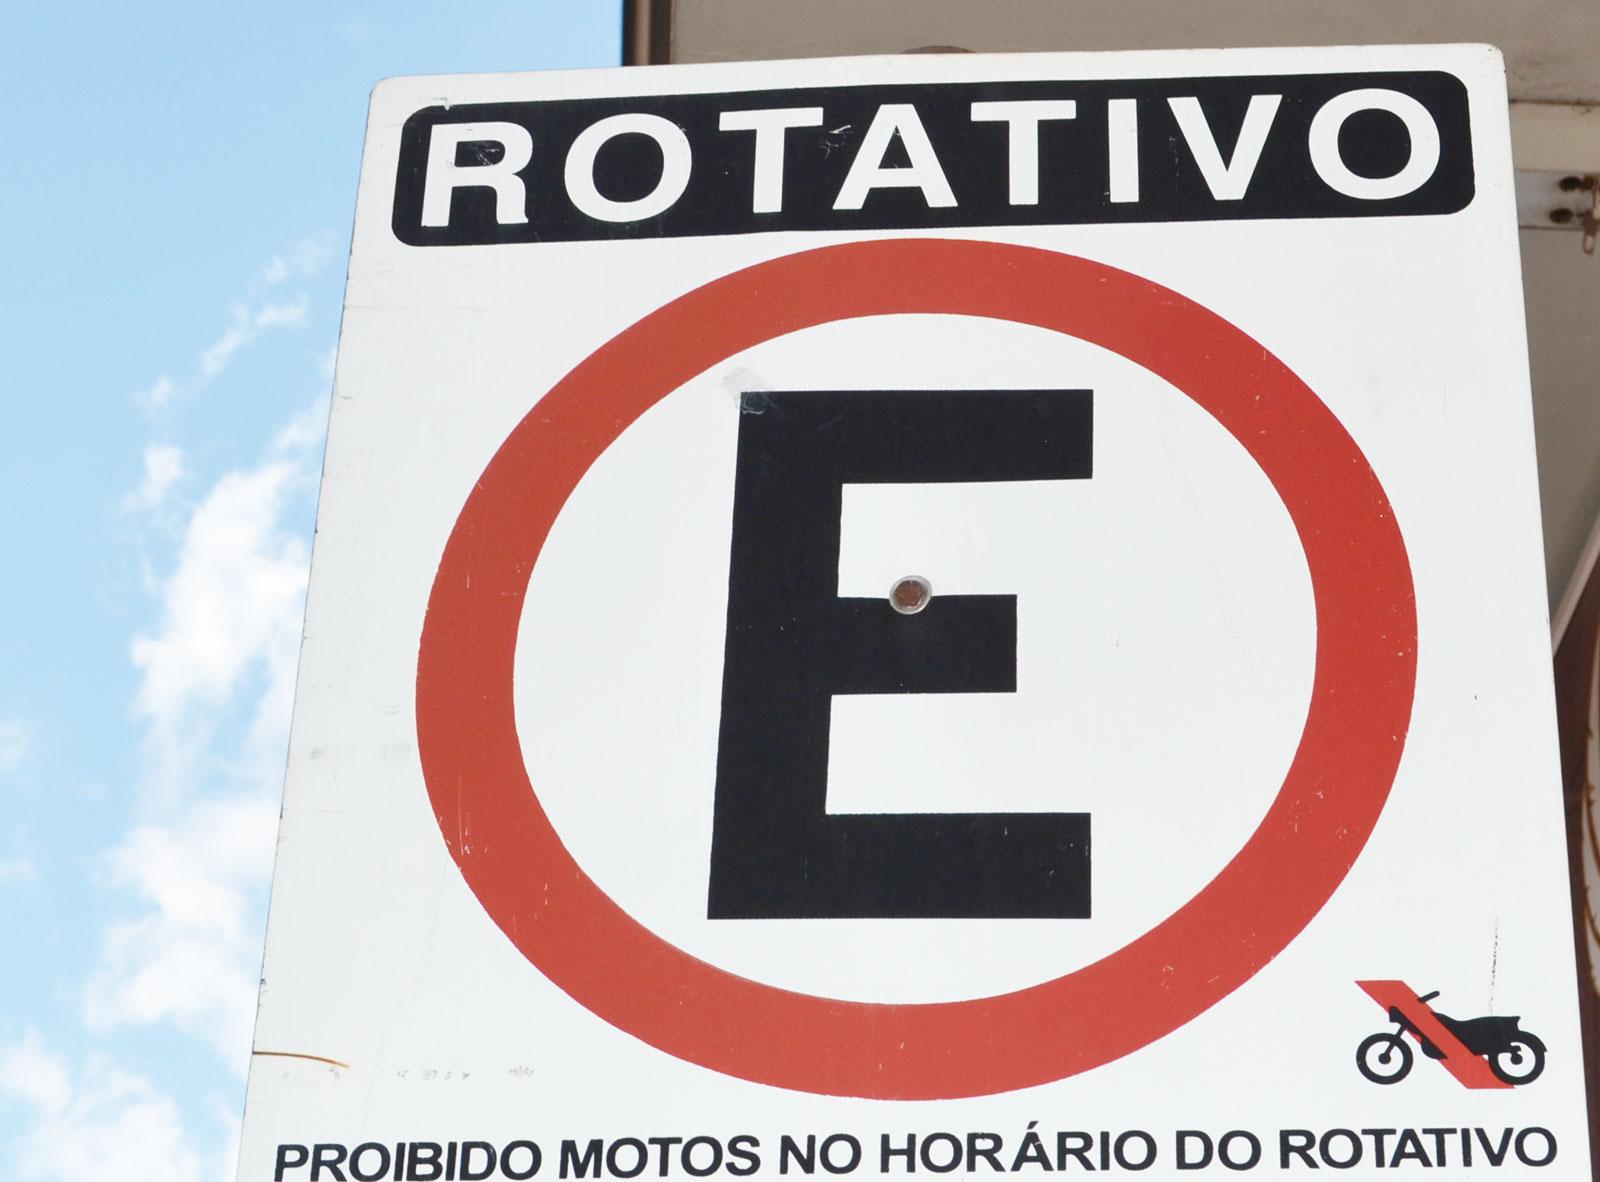 Serra muda trânsito em Laranjeiras